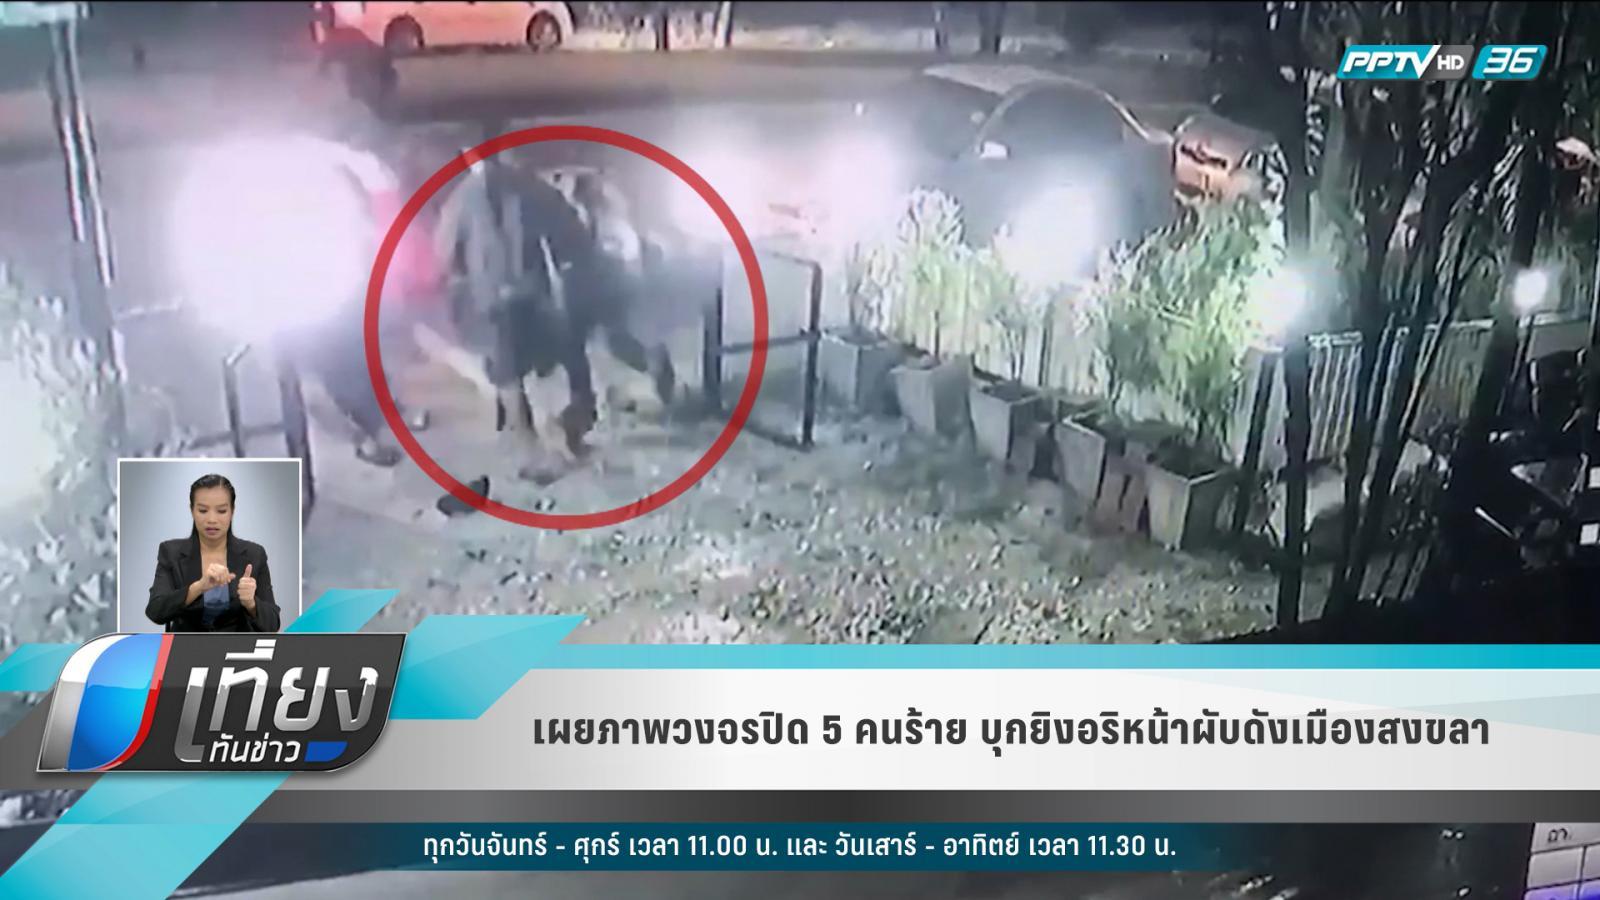 เผยภาพวงจรปิด 5 คนร้าย บุกยิงอริหน้าผับดังเมืองสงขลา